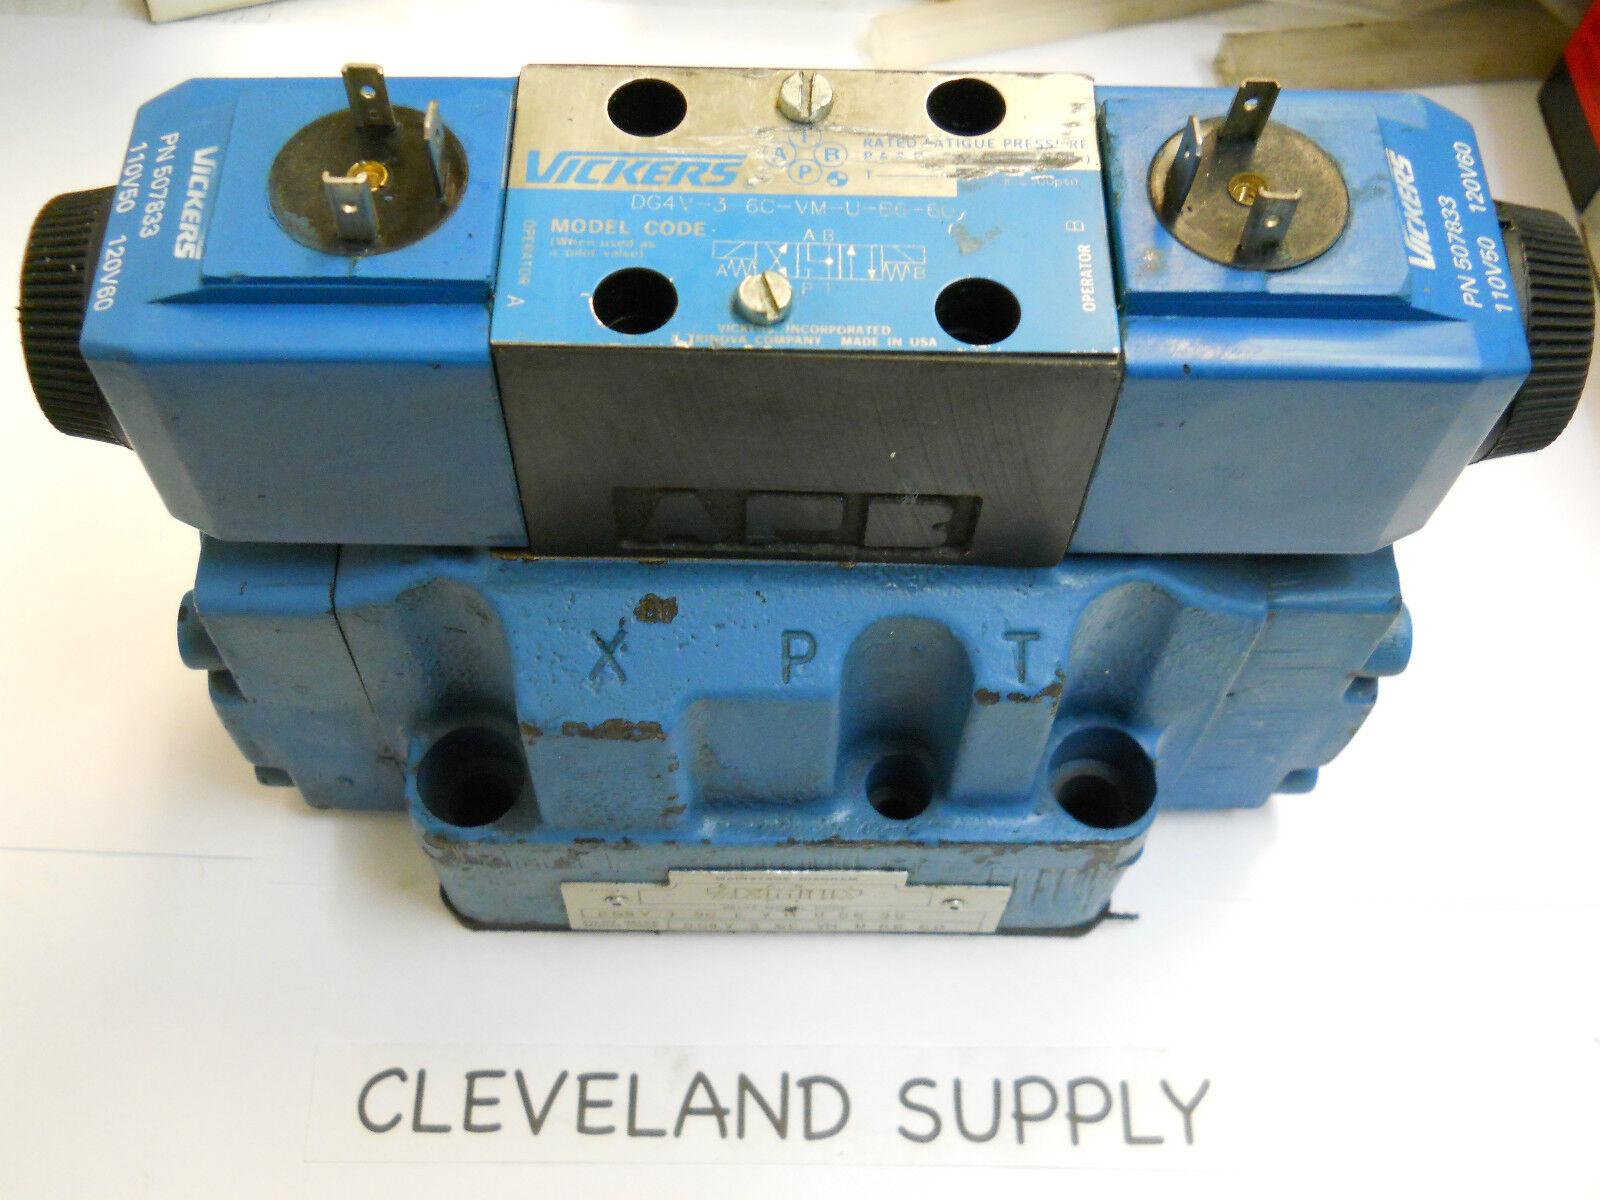 Vickers Dg5v 7 8c E V M U B6 30 Hydraulic Solenoid Valve Assembly   eBay